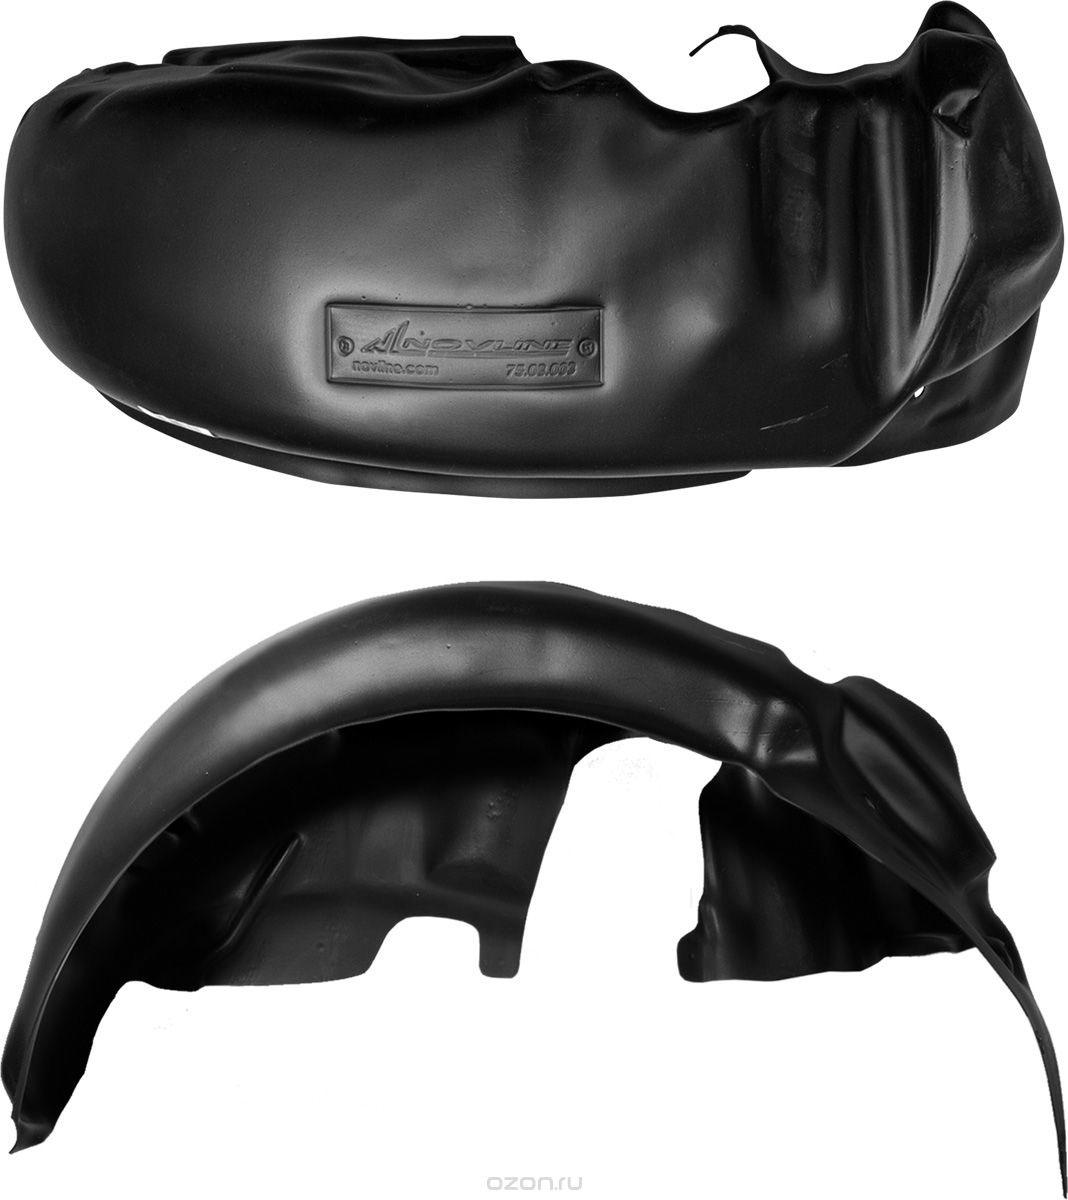 Подкрылок Novline-Autofamily, для Skoda Superb, 2013-2015, задний левыйNLL.45.05.003Идеальная защита колесной ниши. Локеры разработаны с применением цифровых технологий, гарантируют максимальную повторяемость поверхности арки. Изделия устанавливаются без нарушения лакокрасочного покрытия автомобиля, каждый подкрылок комплектуется крепежом. Уважаемые клиенты, обращаем ваше внимание, что фотографии на подкрылки универсальные и не отражают реальную форму изделия. При этом само изделие идет точно под размер указанного автомобиля.